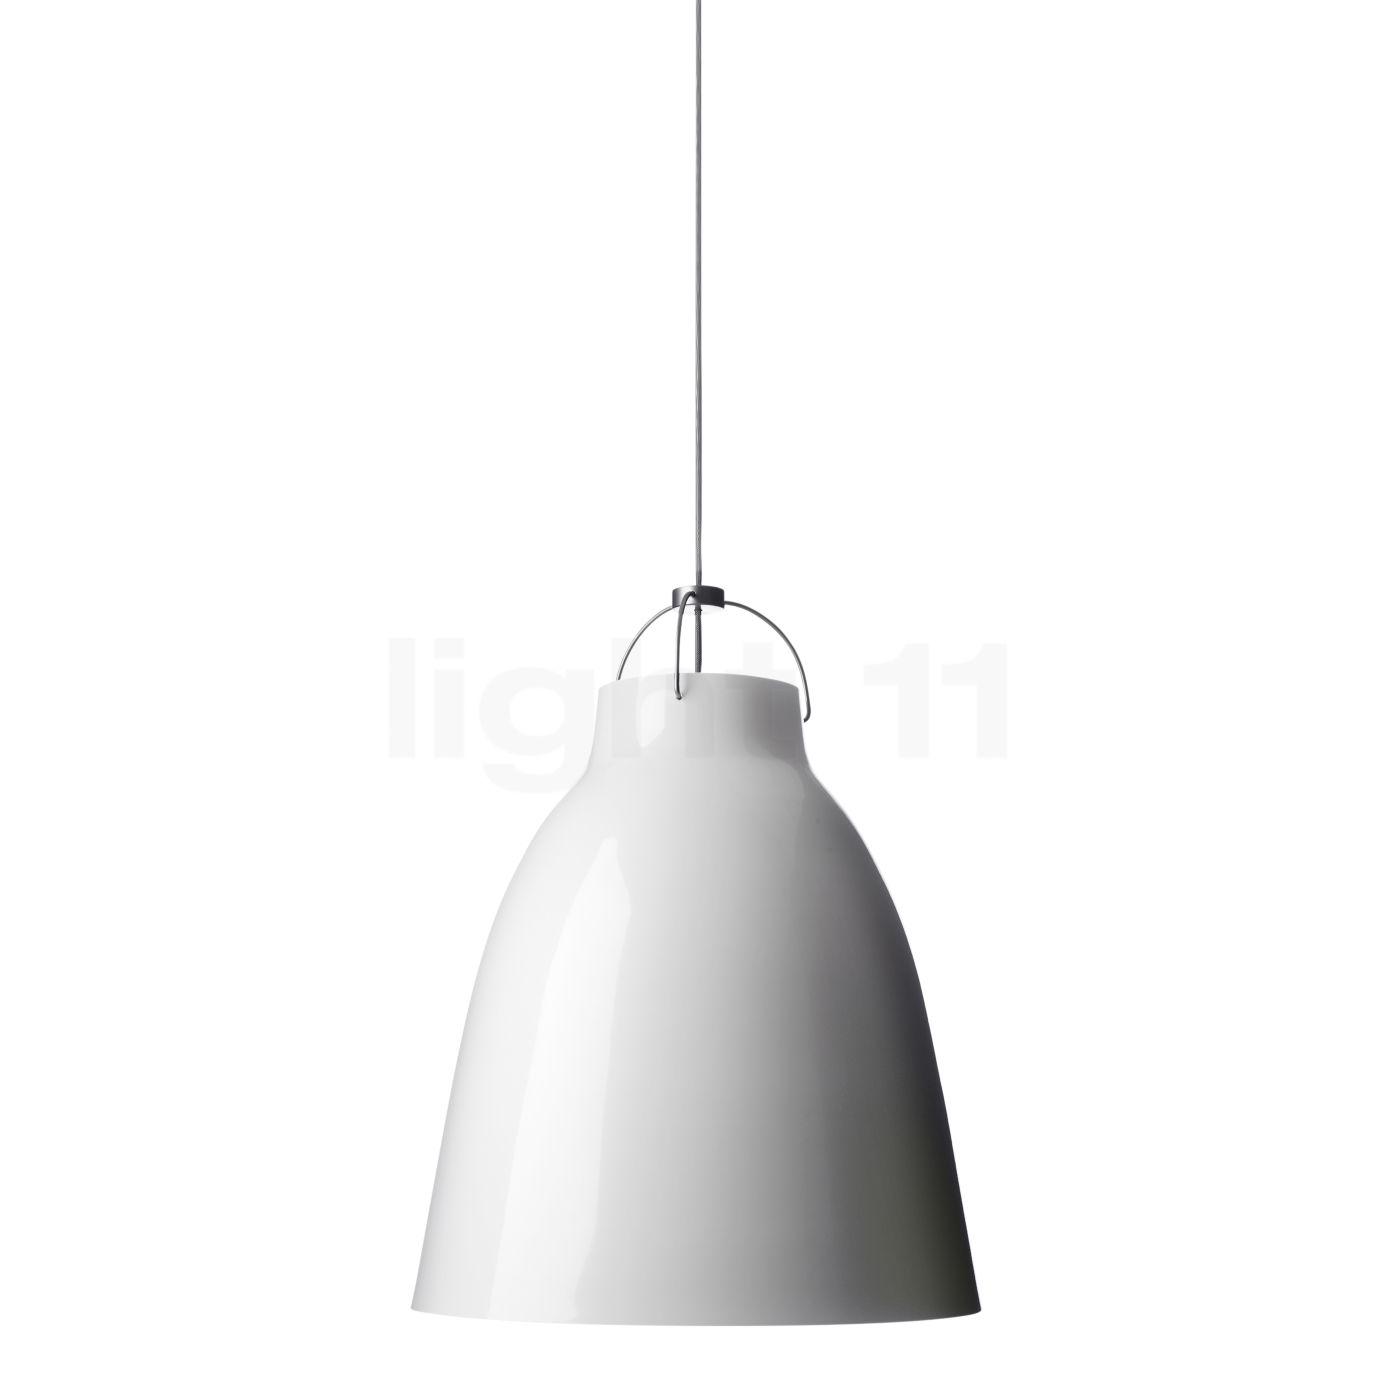 Fritz Hansen Caravaggio P2, weiß/Kabel grau 54007005